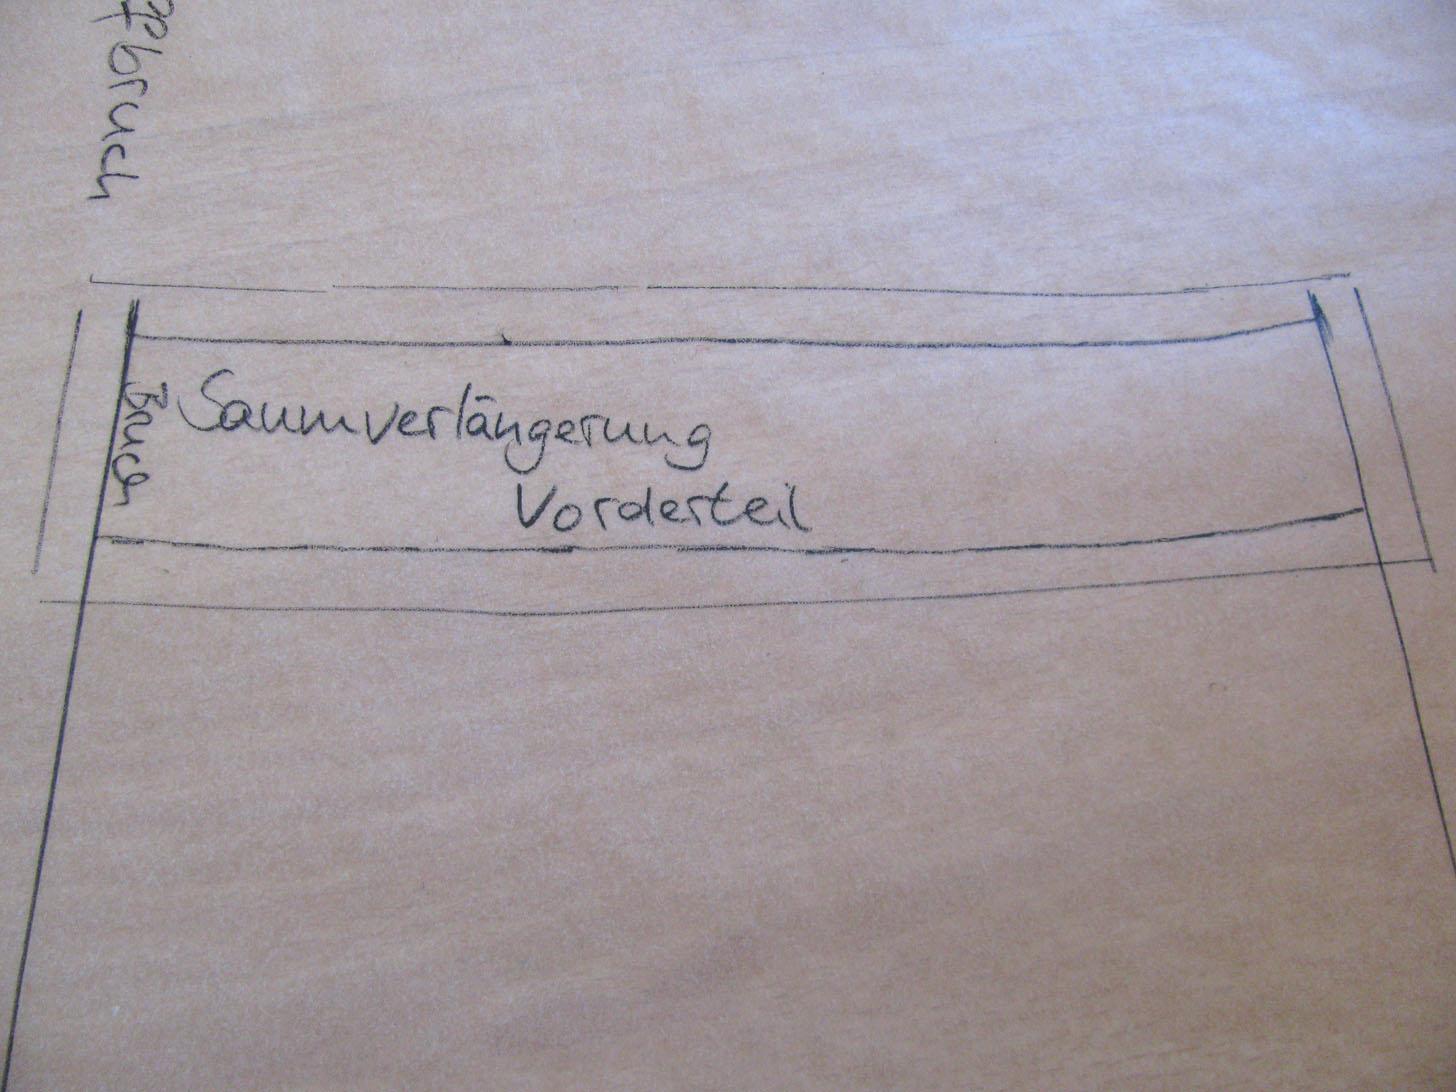 Zeichnung für Saumverlängerung am Vorderteil